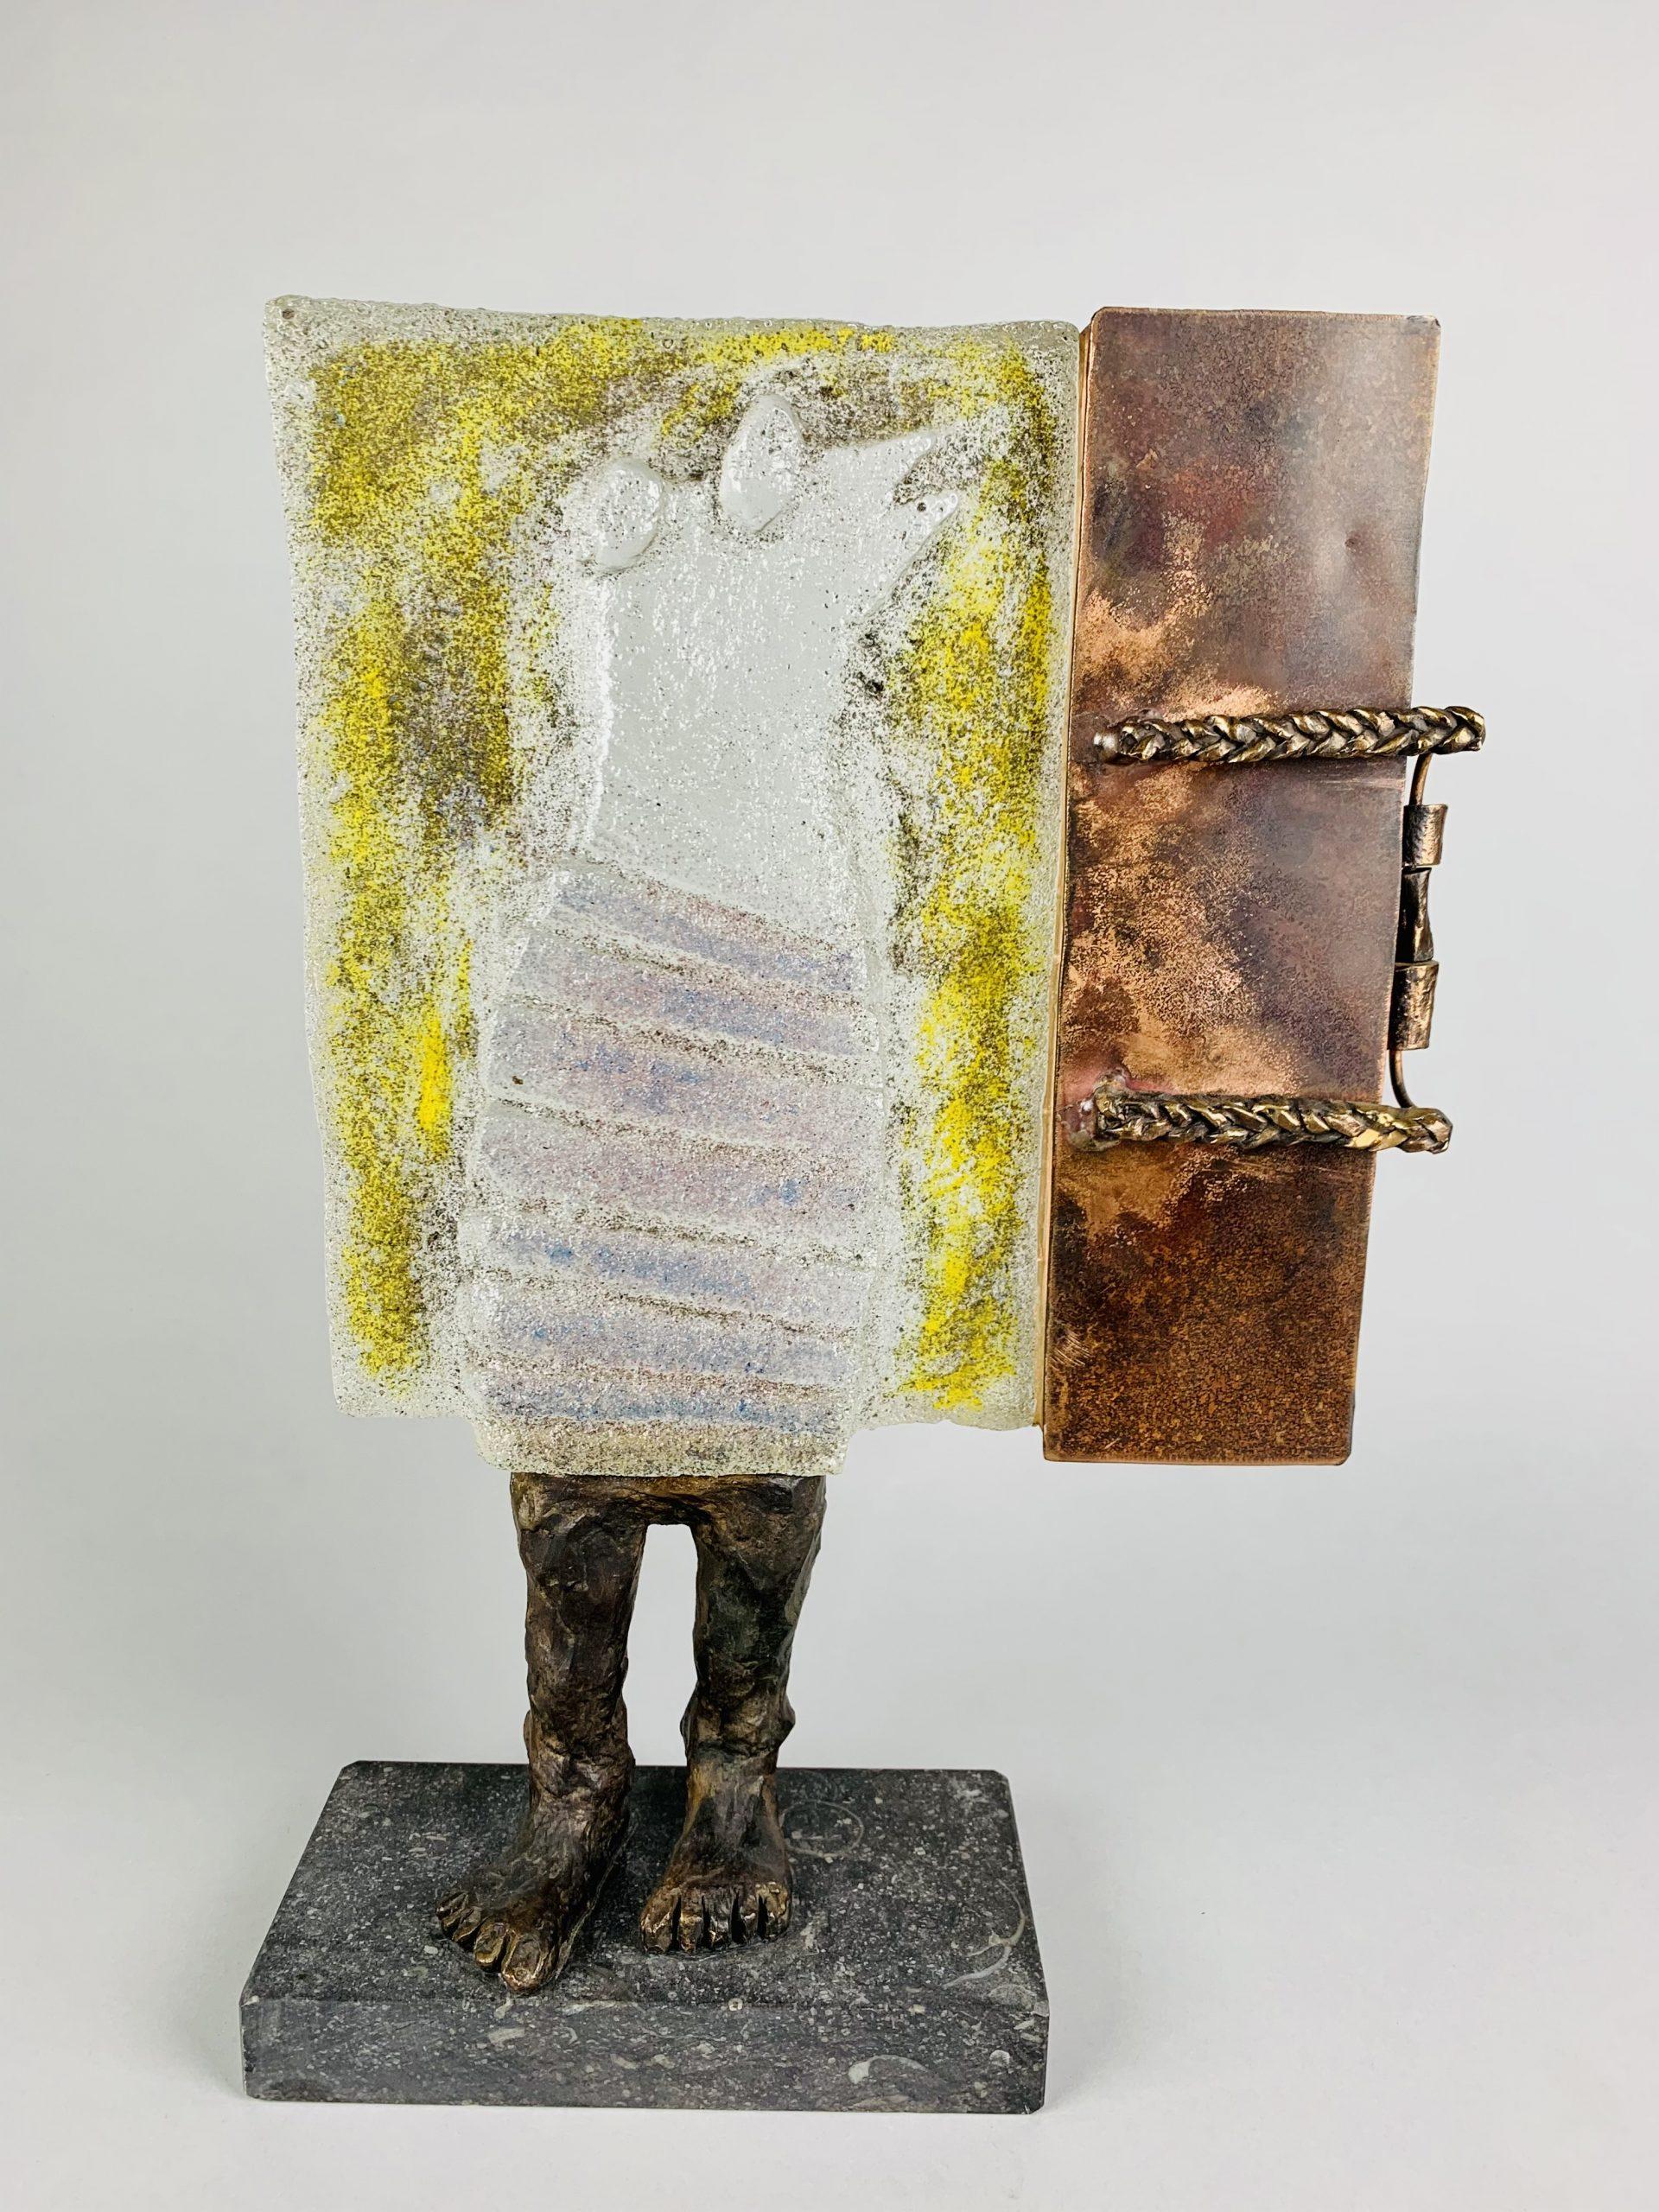 Relikwieën van een muze 44x29x10 cm Zand gegoten glas koper brons op Belgisch harsteen SJAAK SMETSERS FOTO 2